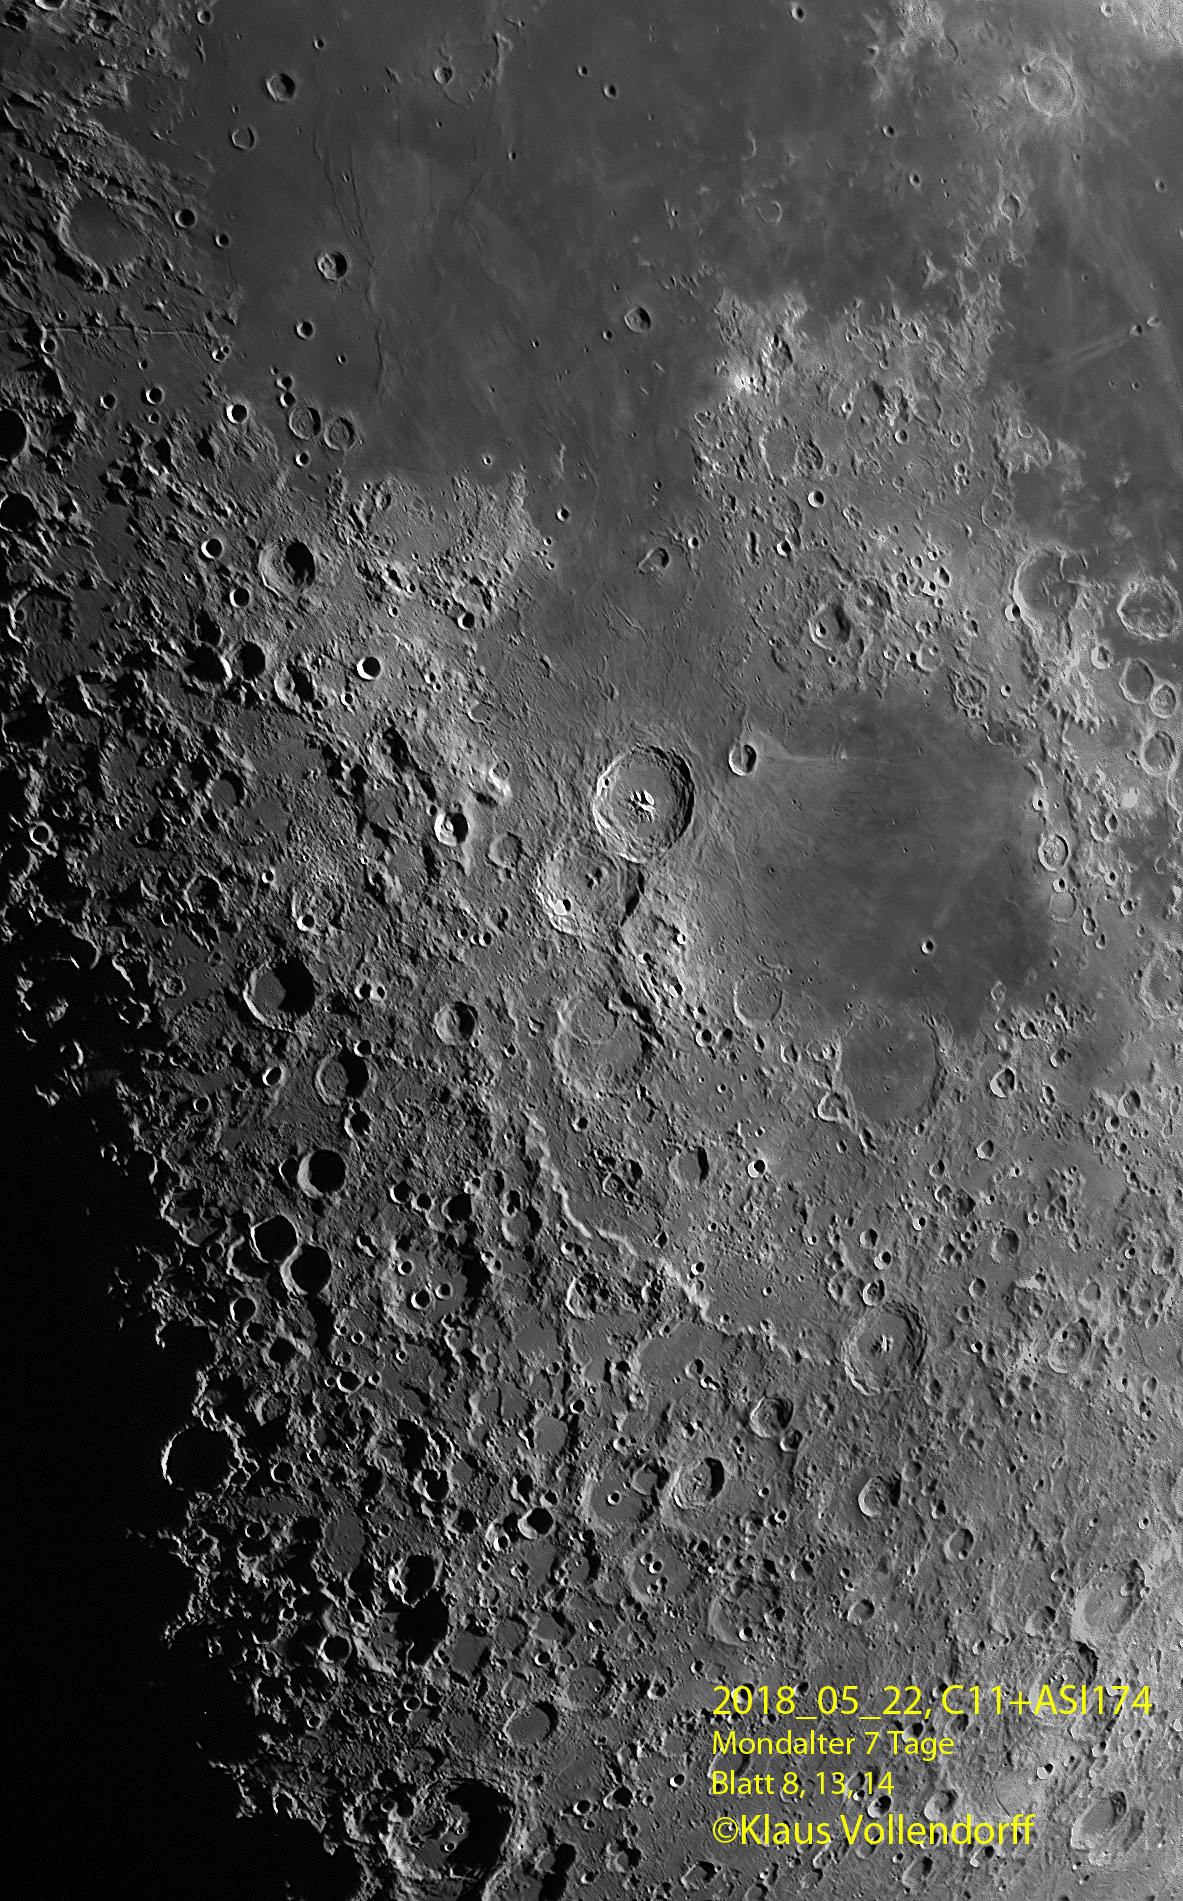 Mare Nectaris, Fracastorius, Theophilus